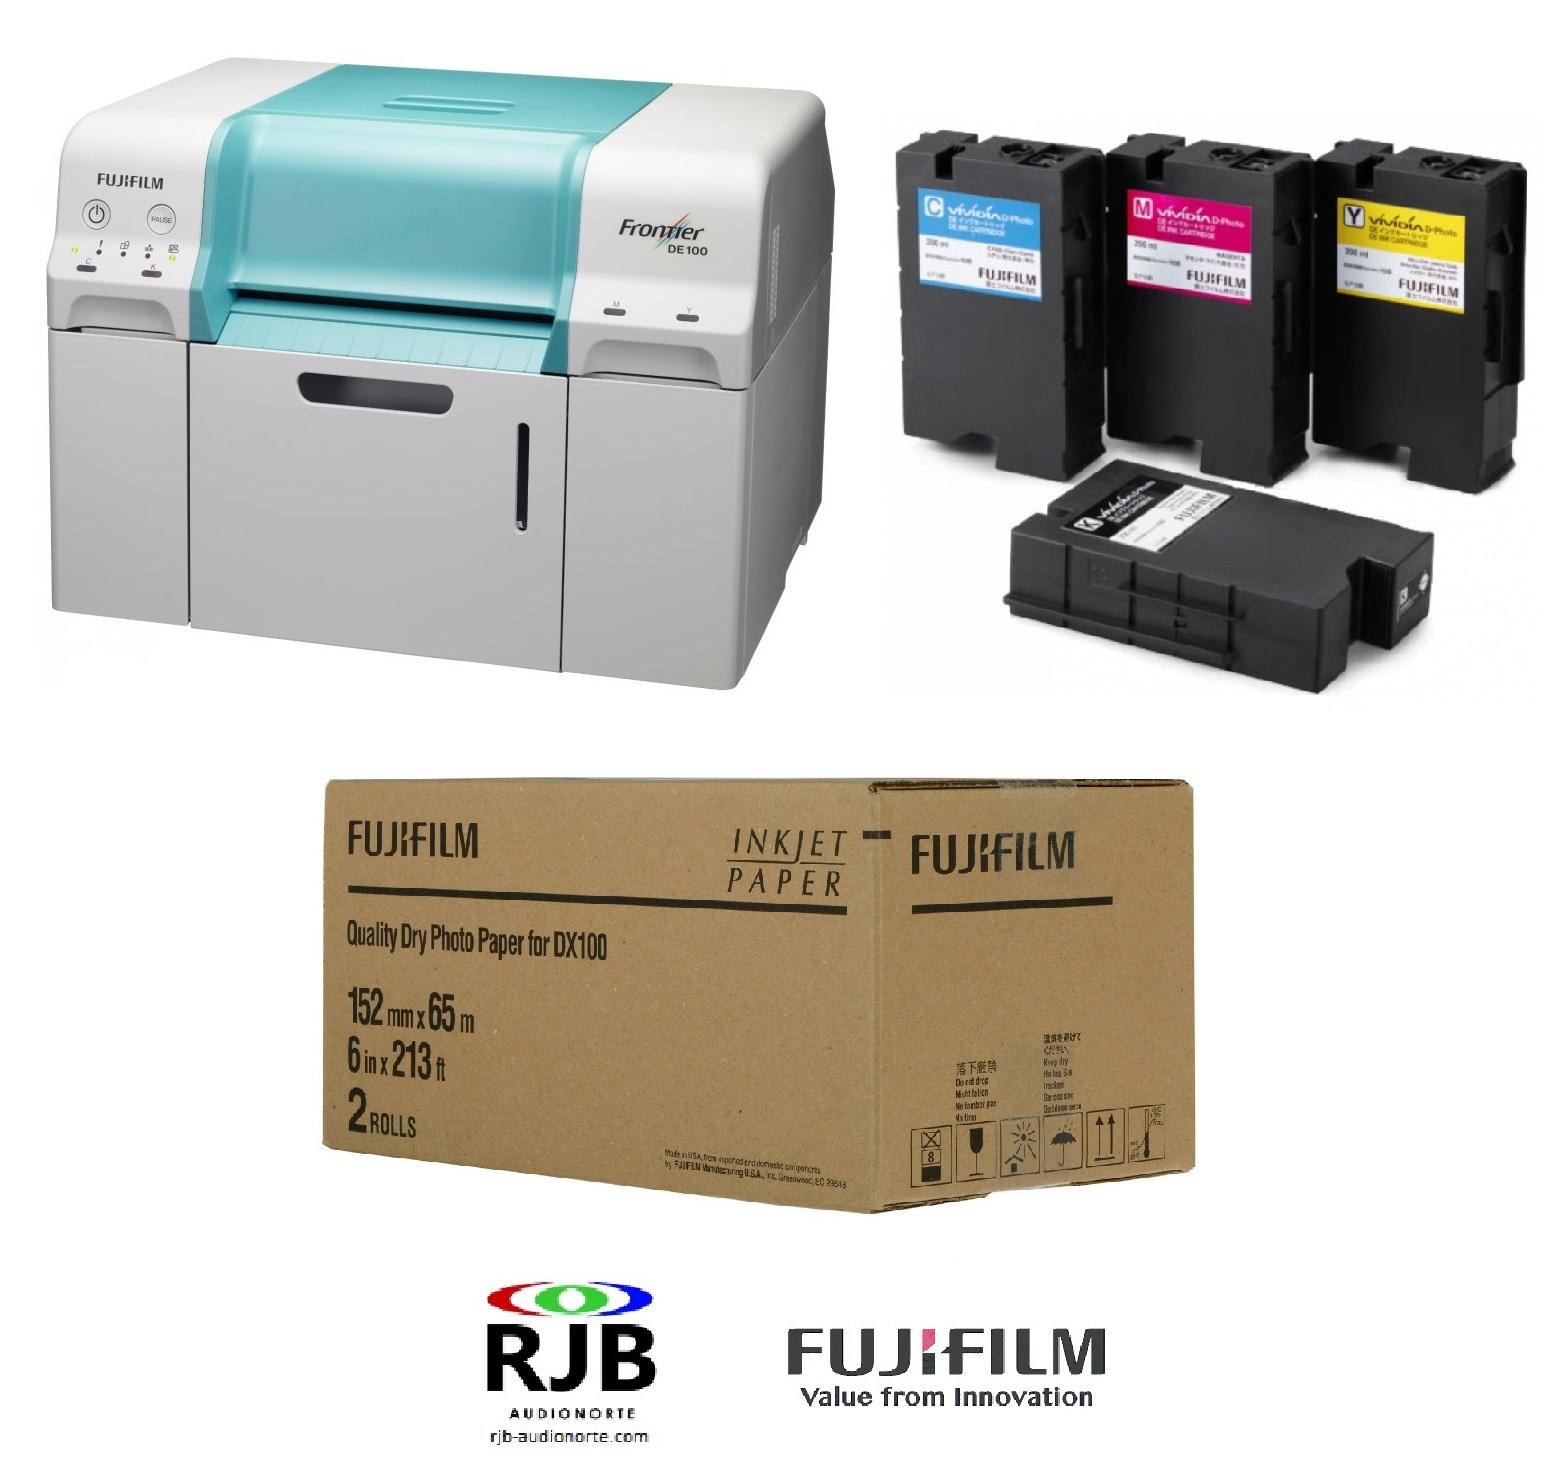 Impresora Fujifilm Frontier DE100 con ¡1 juego de tintas y 14 bobinas papel GRATIS!